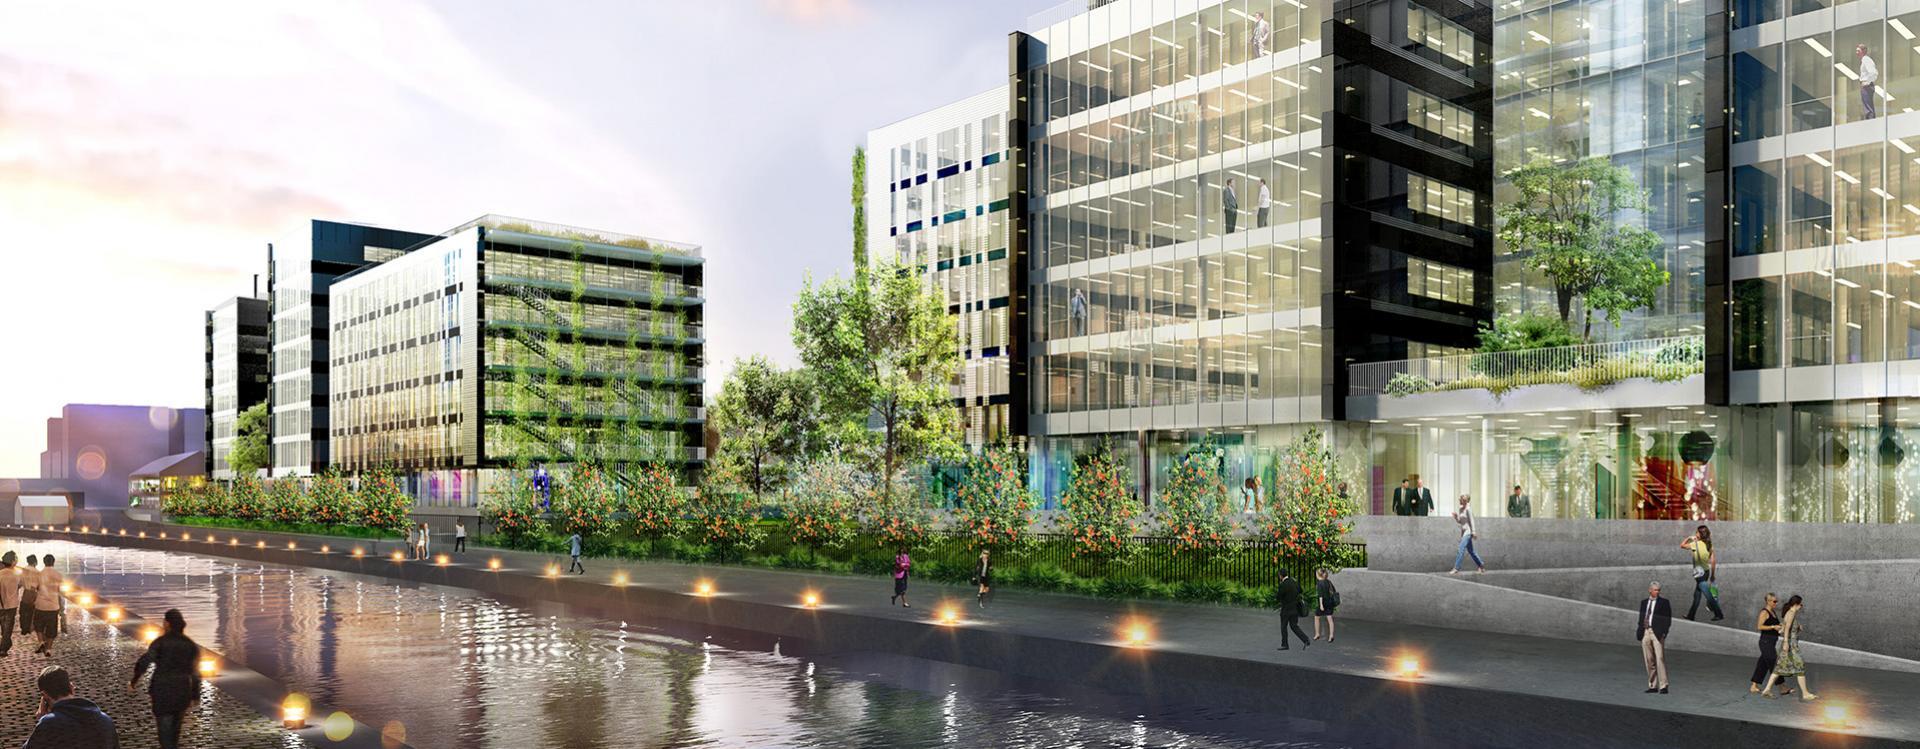 Séquano Aménagement signe un acte de vente avec BNP Paribas Immobilier et le groupe GA pour 18 000 m² de bureaux le long du canal de l'Ourcq à Bobigny